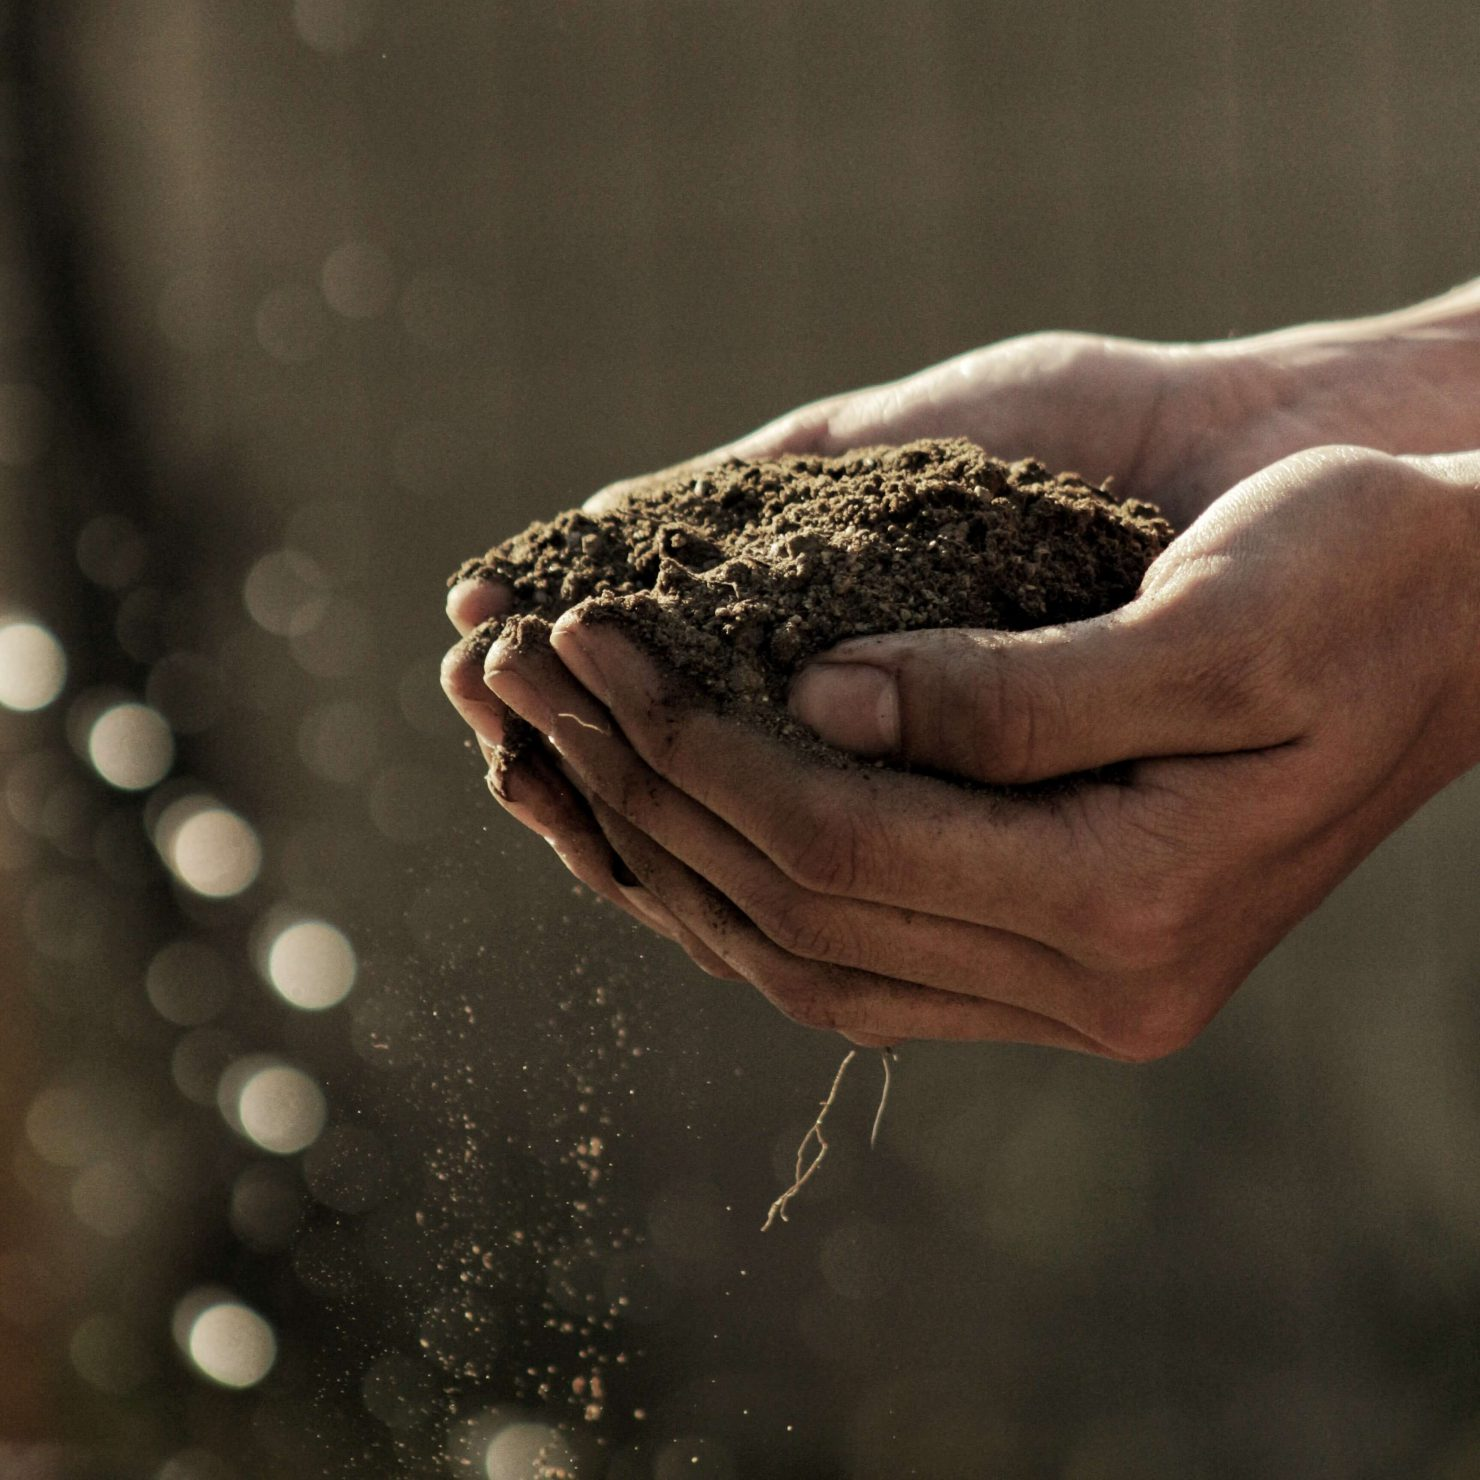 団粒構造とは? 植物が良く育つ土壌に必要な要素と土の作り方